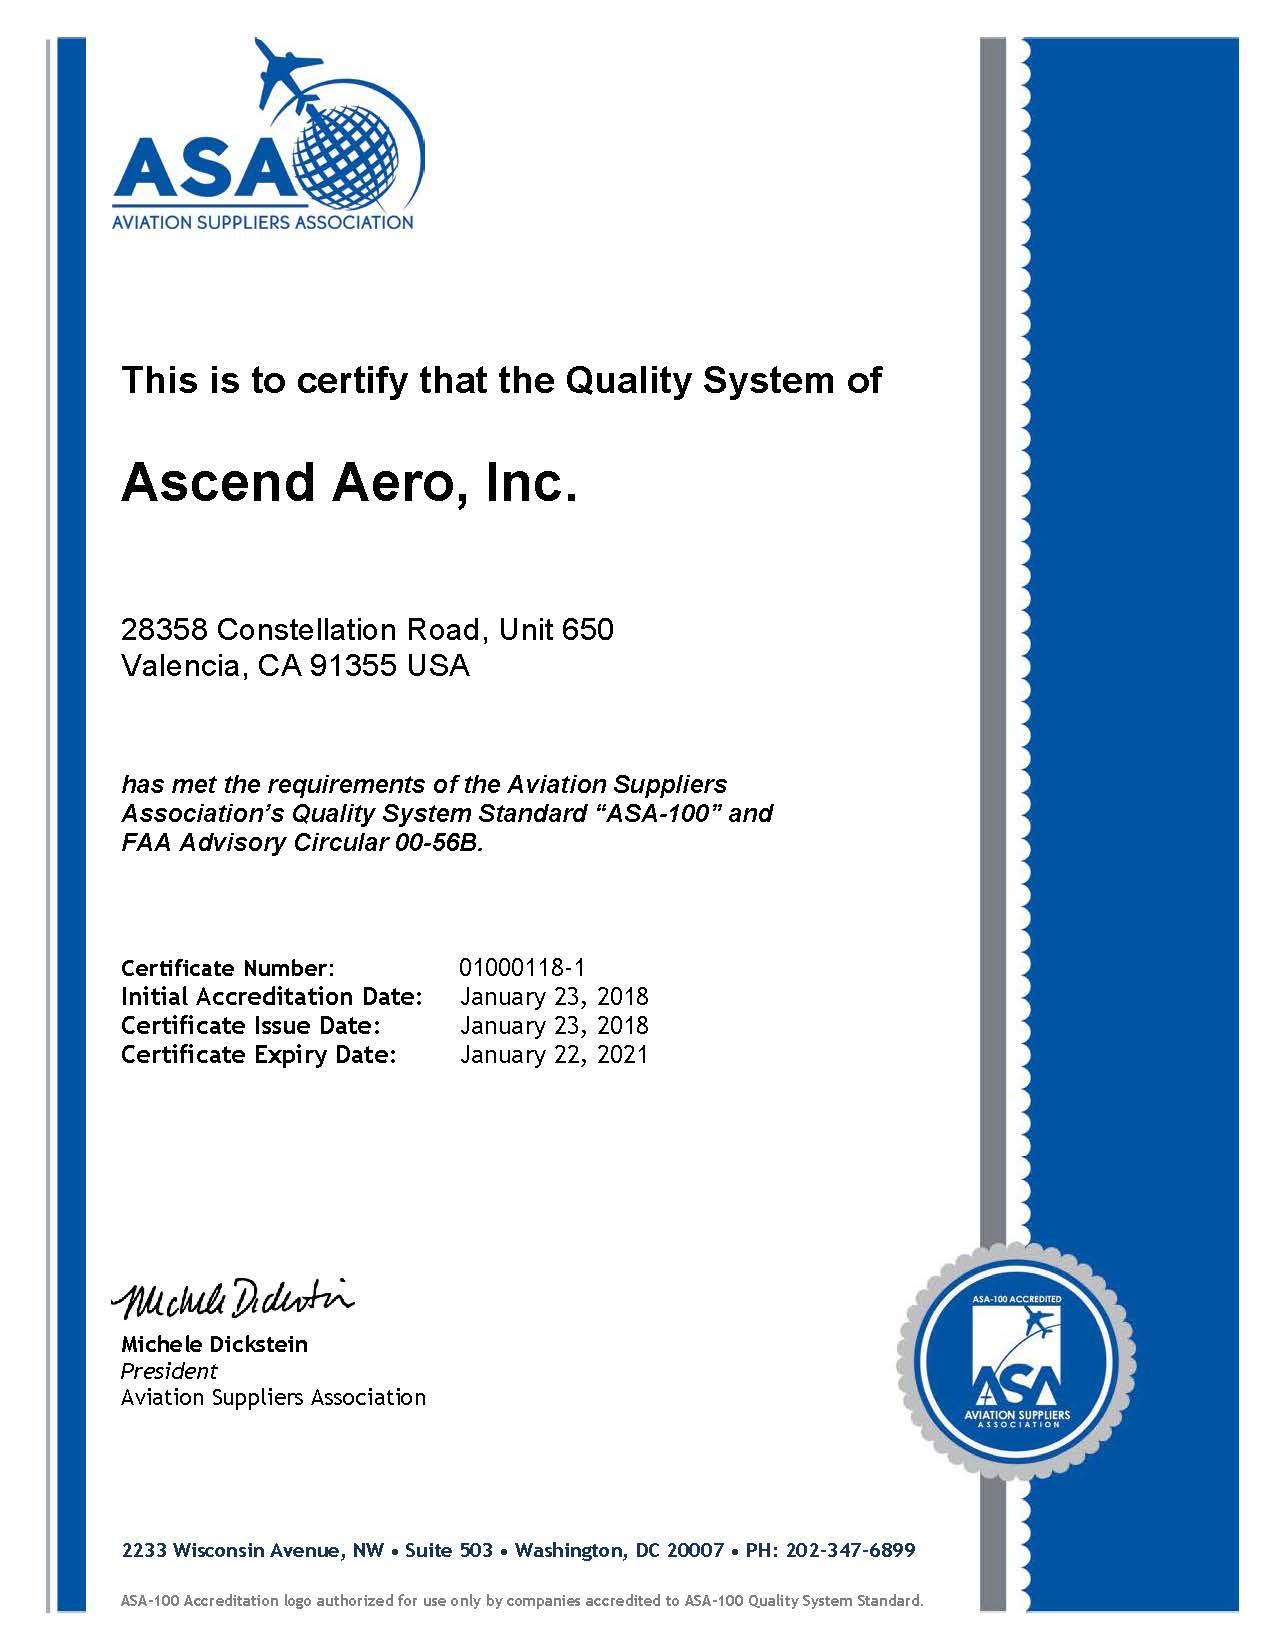 ASND Certificate rev 1